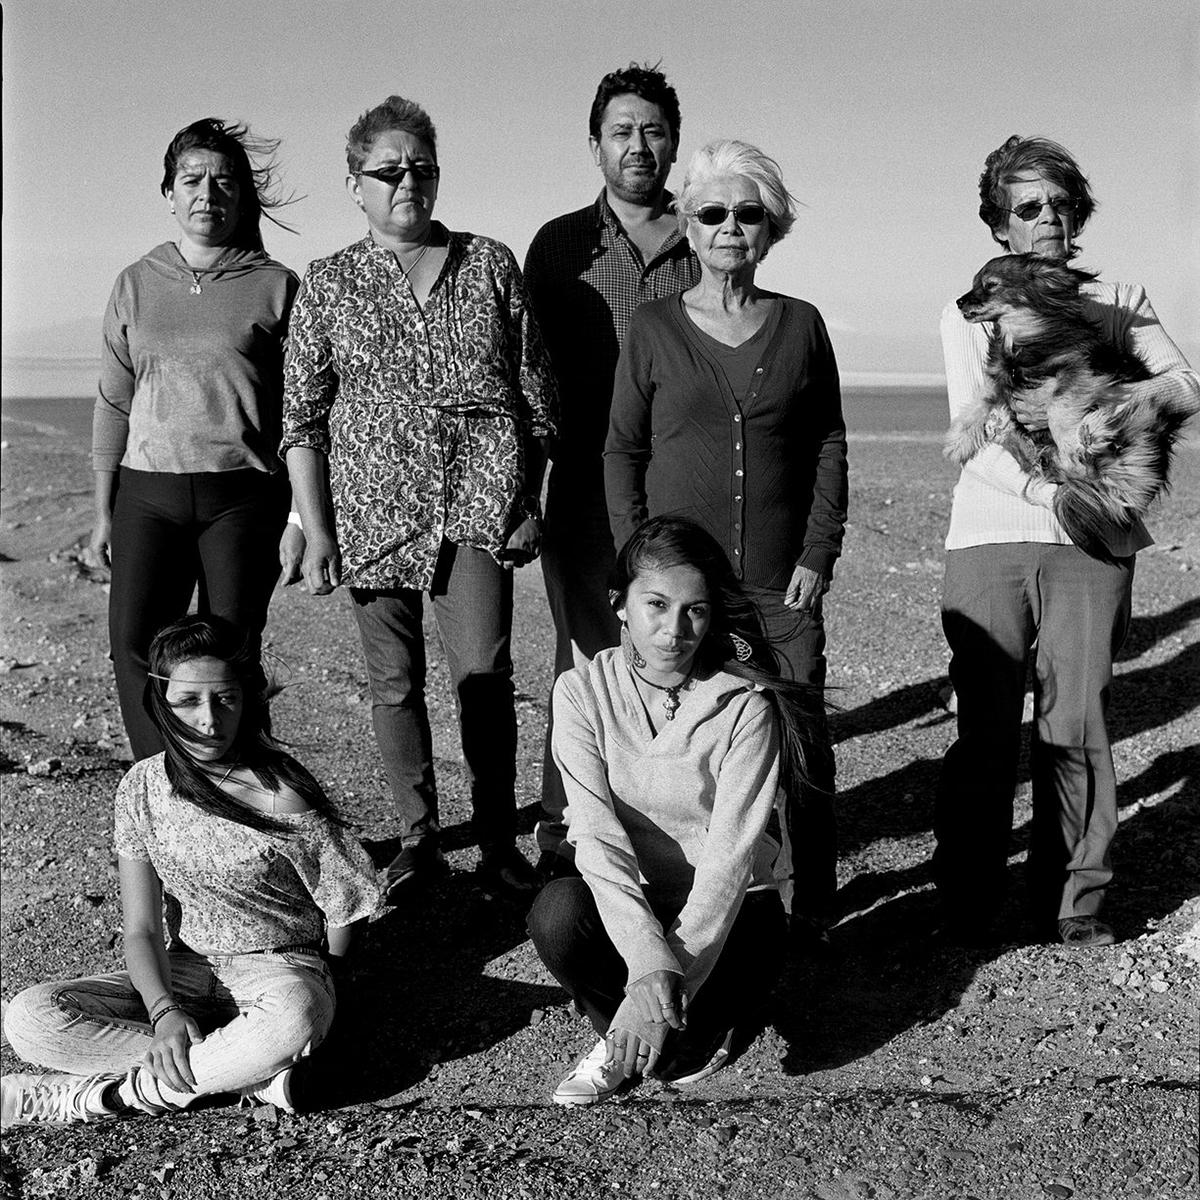 Из серии «Портреты». Родственники пропавших в Каламе (Чили) рядом с братской могилой, где захоронены 26 политических заключённых. После военного переворота 11 сентября 1973 года, организованного Аугусто Пиночета, чилийские военные сформировали группу «Караван смерти». Она работала на севере страны, допрашивала и пытала пленных. Мёртвых хоронили в отдалённых местах, и у их родственников не было никакой информации о том, что с ними произошло.